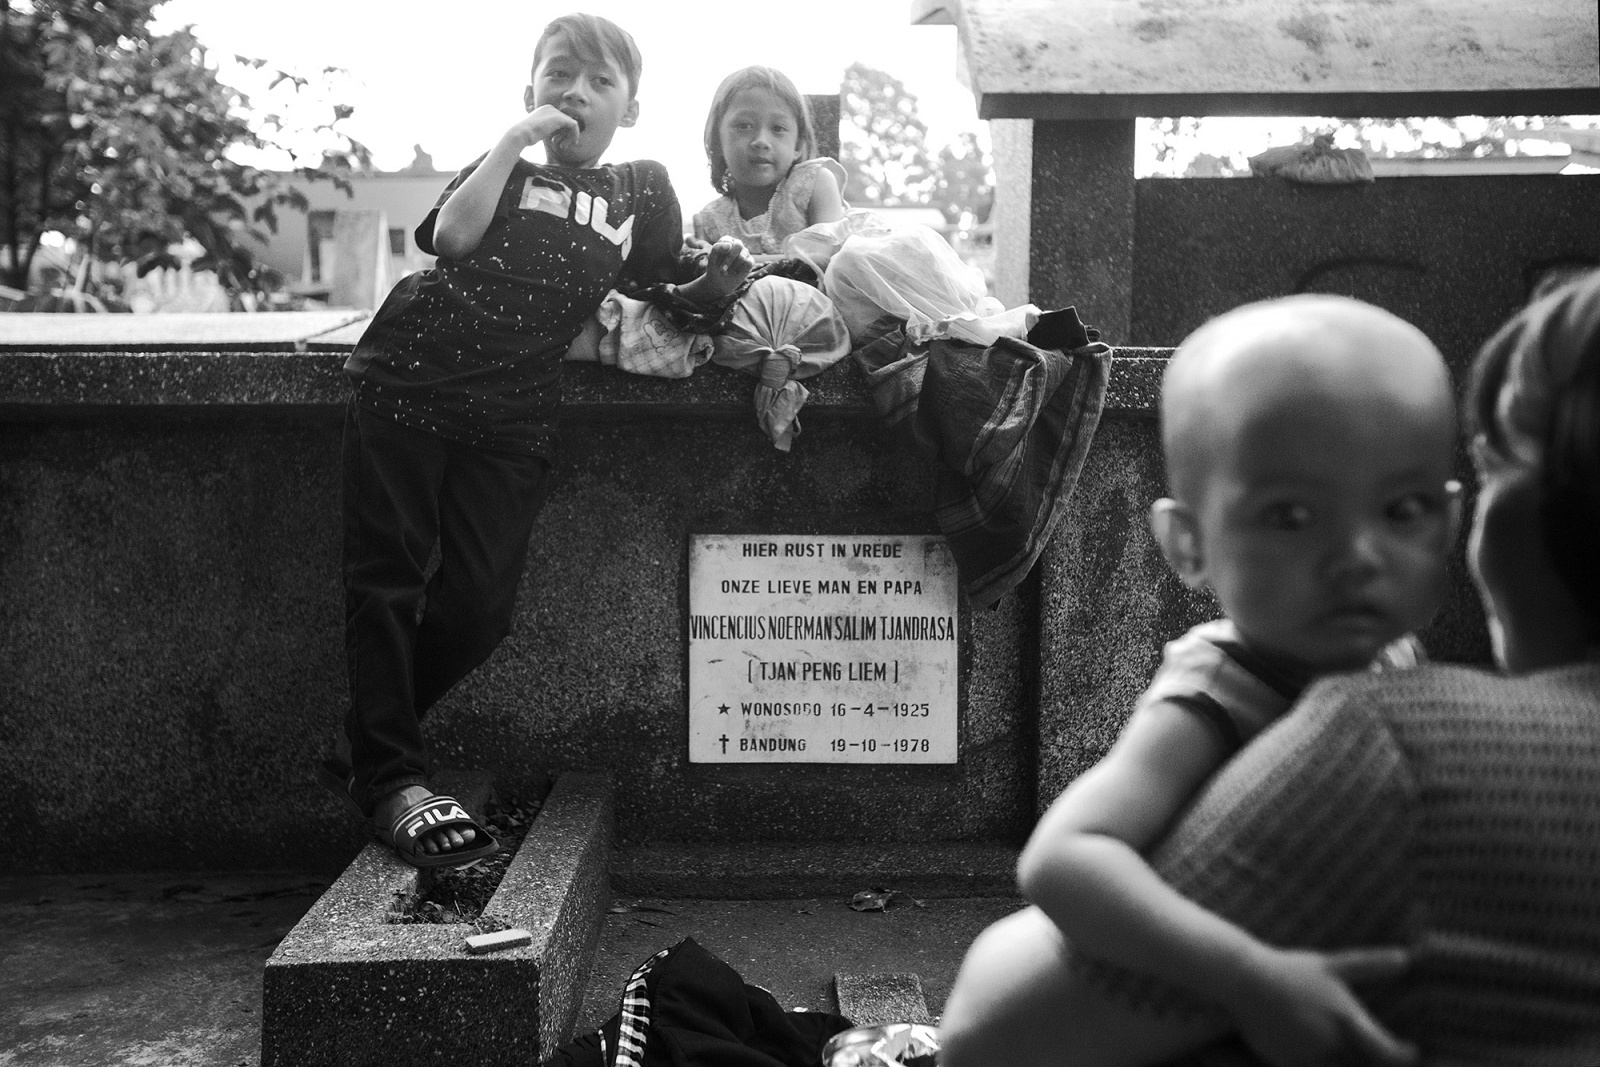 Bandung City, Bandung Regency, West Java, Indonesia, 2019 - Netti, 35 anni, siede insieme al più piccolo dei suoi 4 figli sul basamento di una delle tombe adiacenti al suo rifugio.